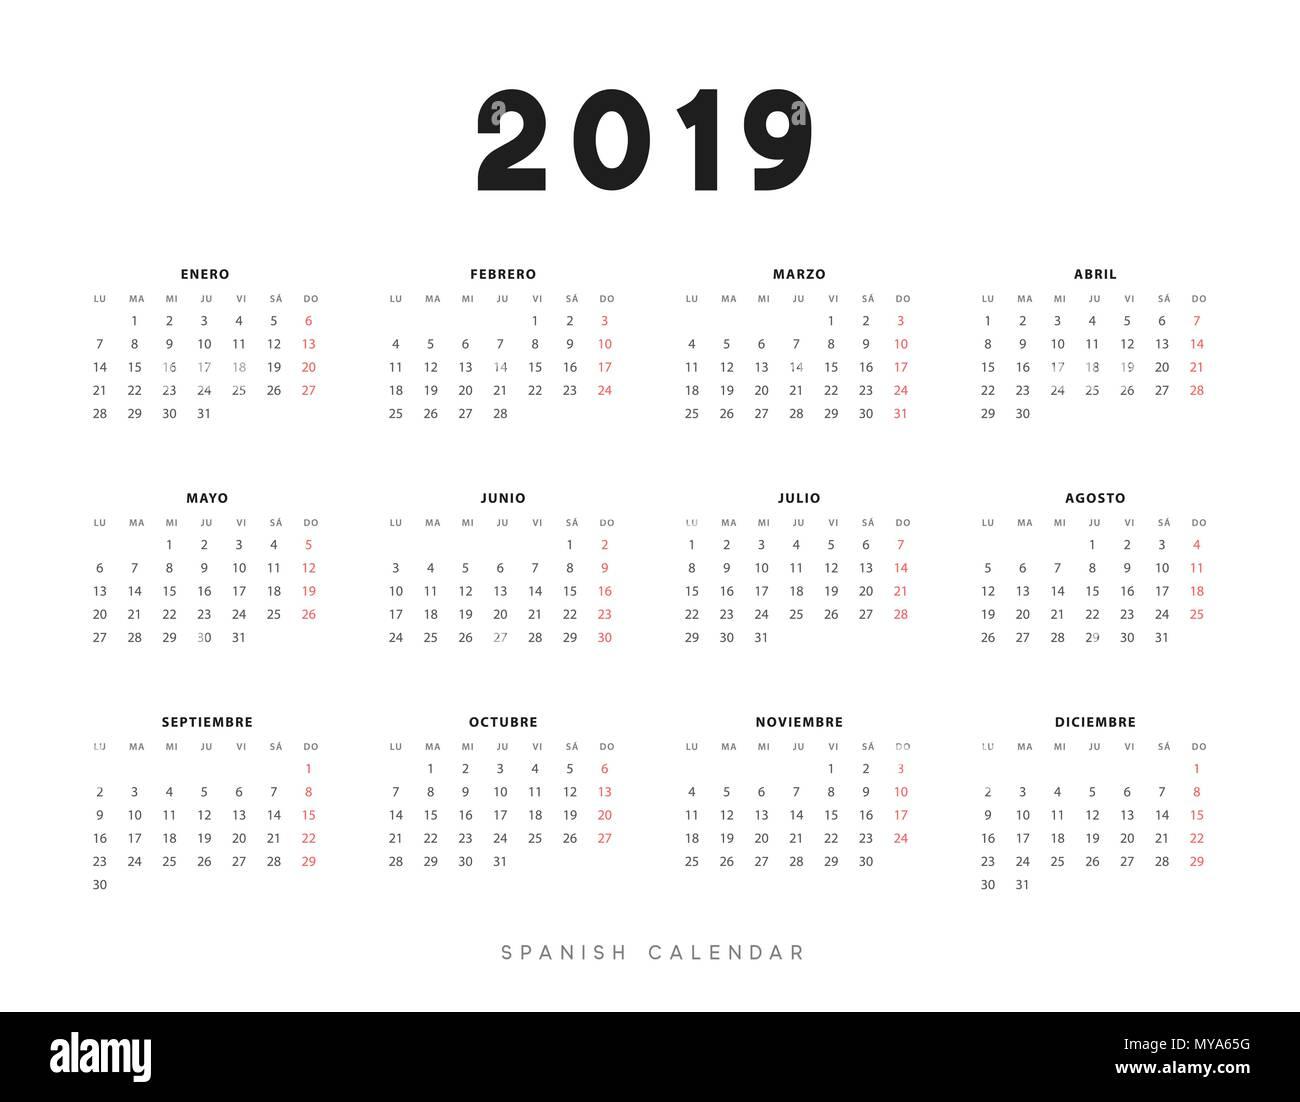 Calendario Spagnolo.Semplice Calendario Spagnolo Per 2019 Anni Settimana Inizia